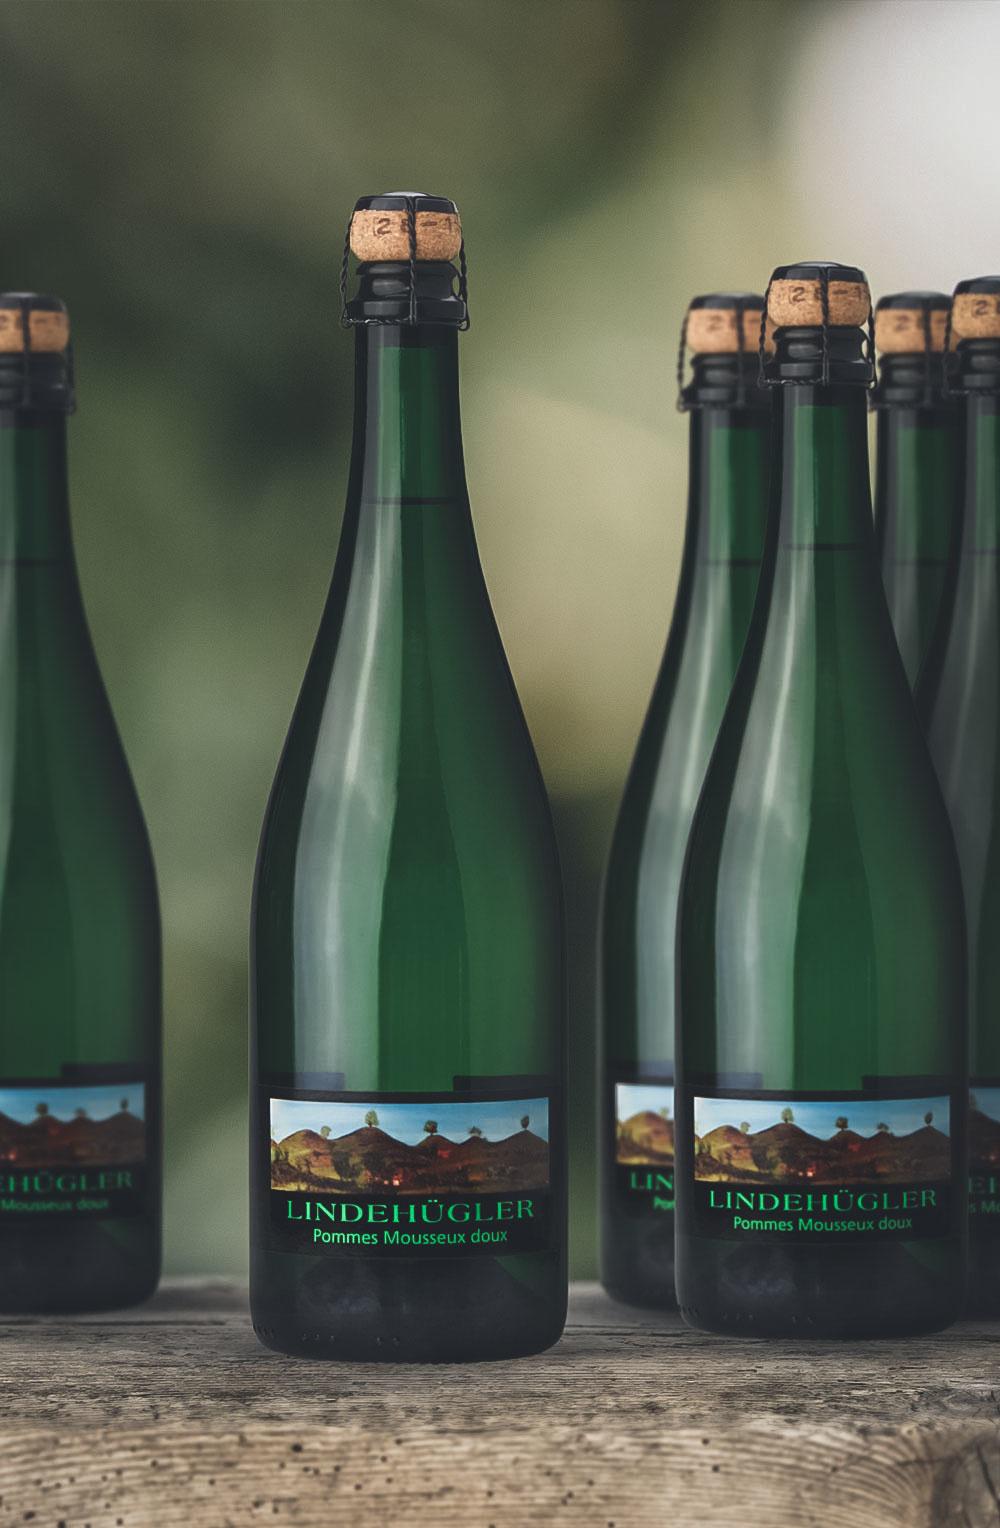 Lindenhügler Pommes Mousseux doux 6 Flaschen-1